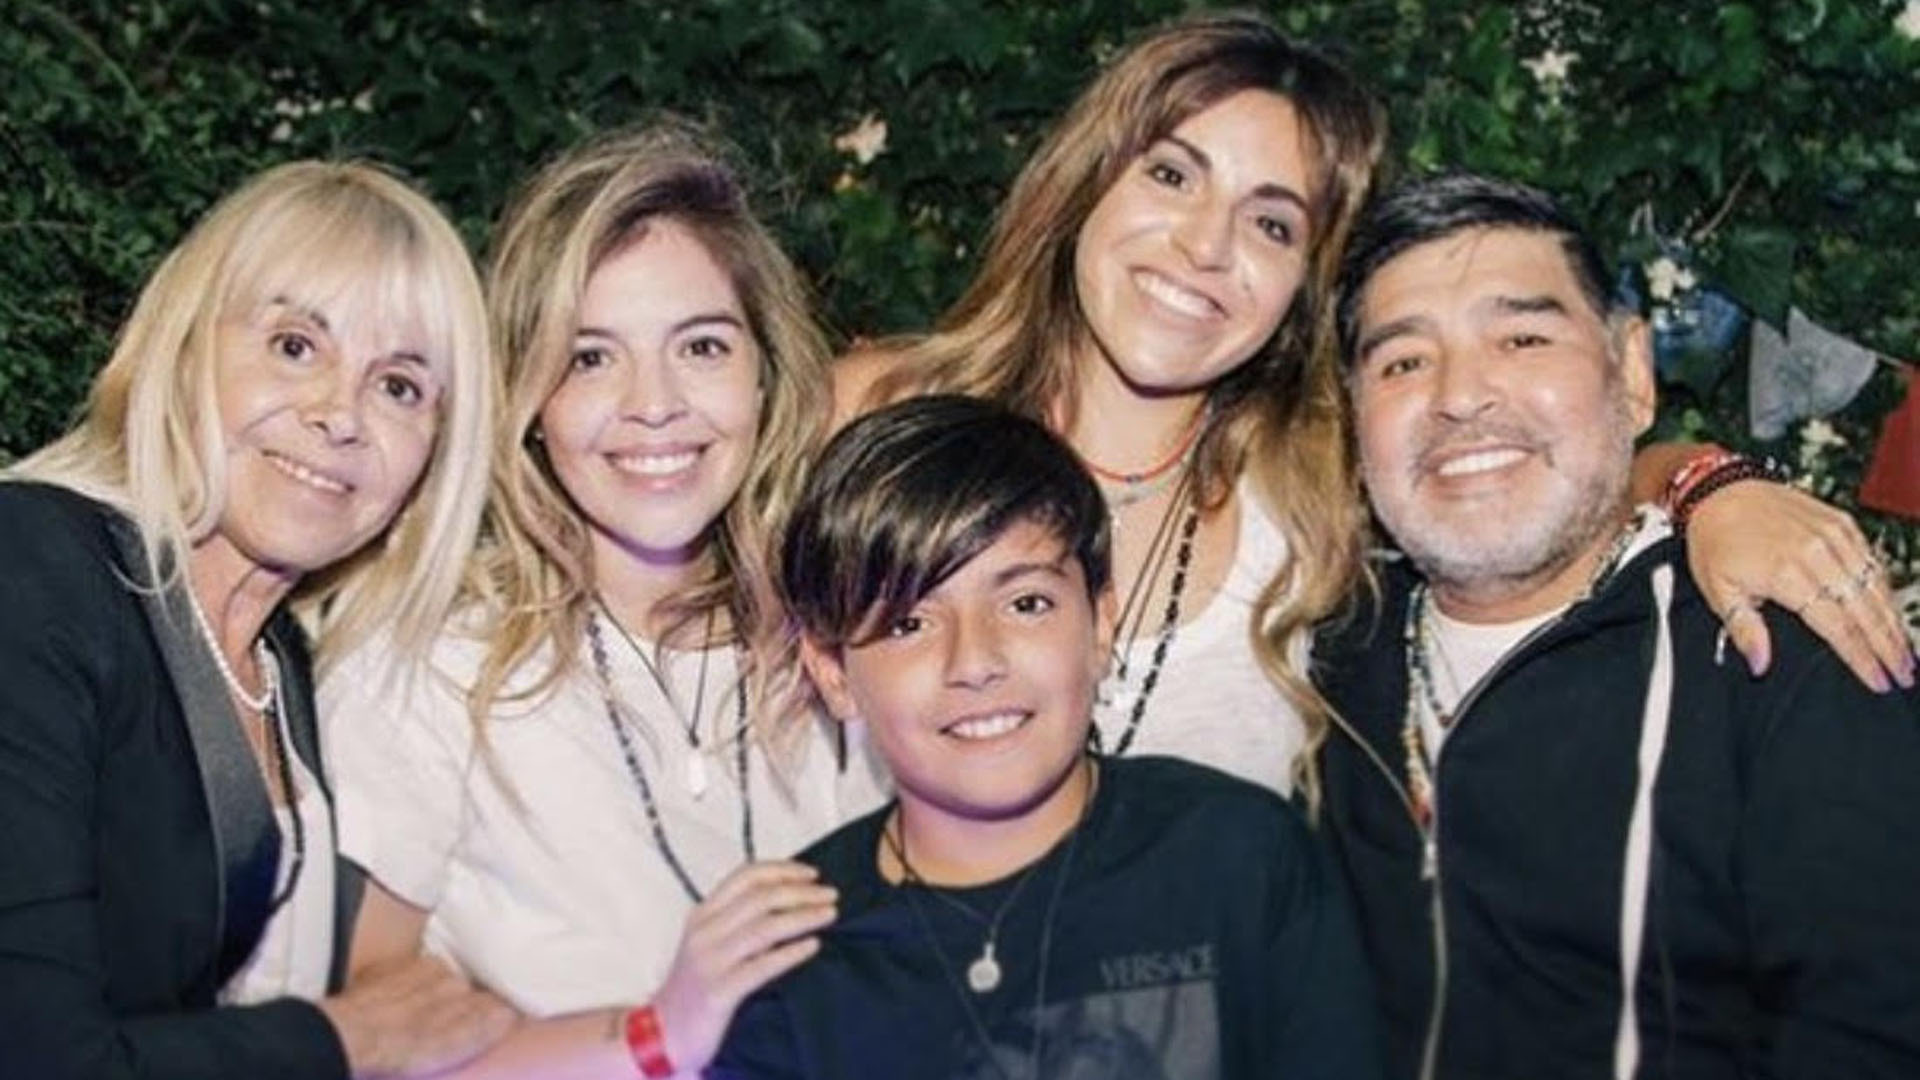 Diego Maradona Y Claudia Villafane Se Reencontraron Luego De Anos De Distanciamiento Infobae